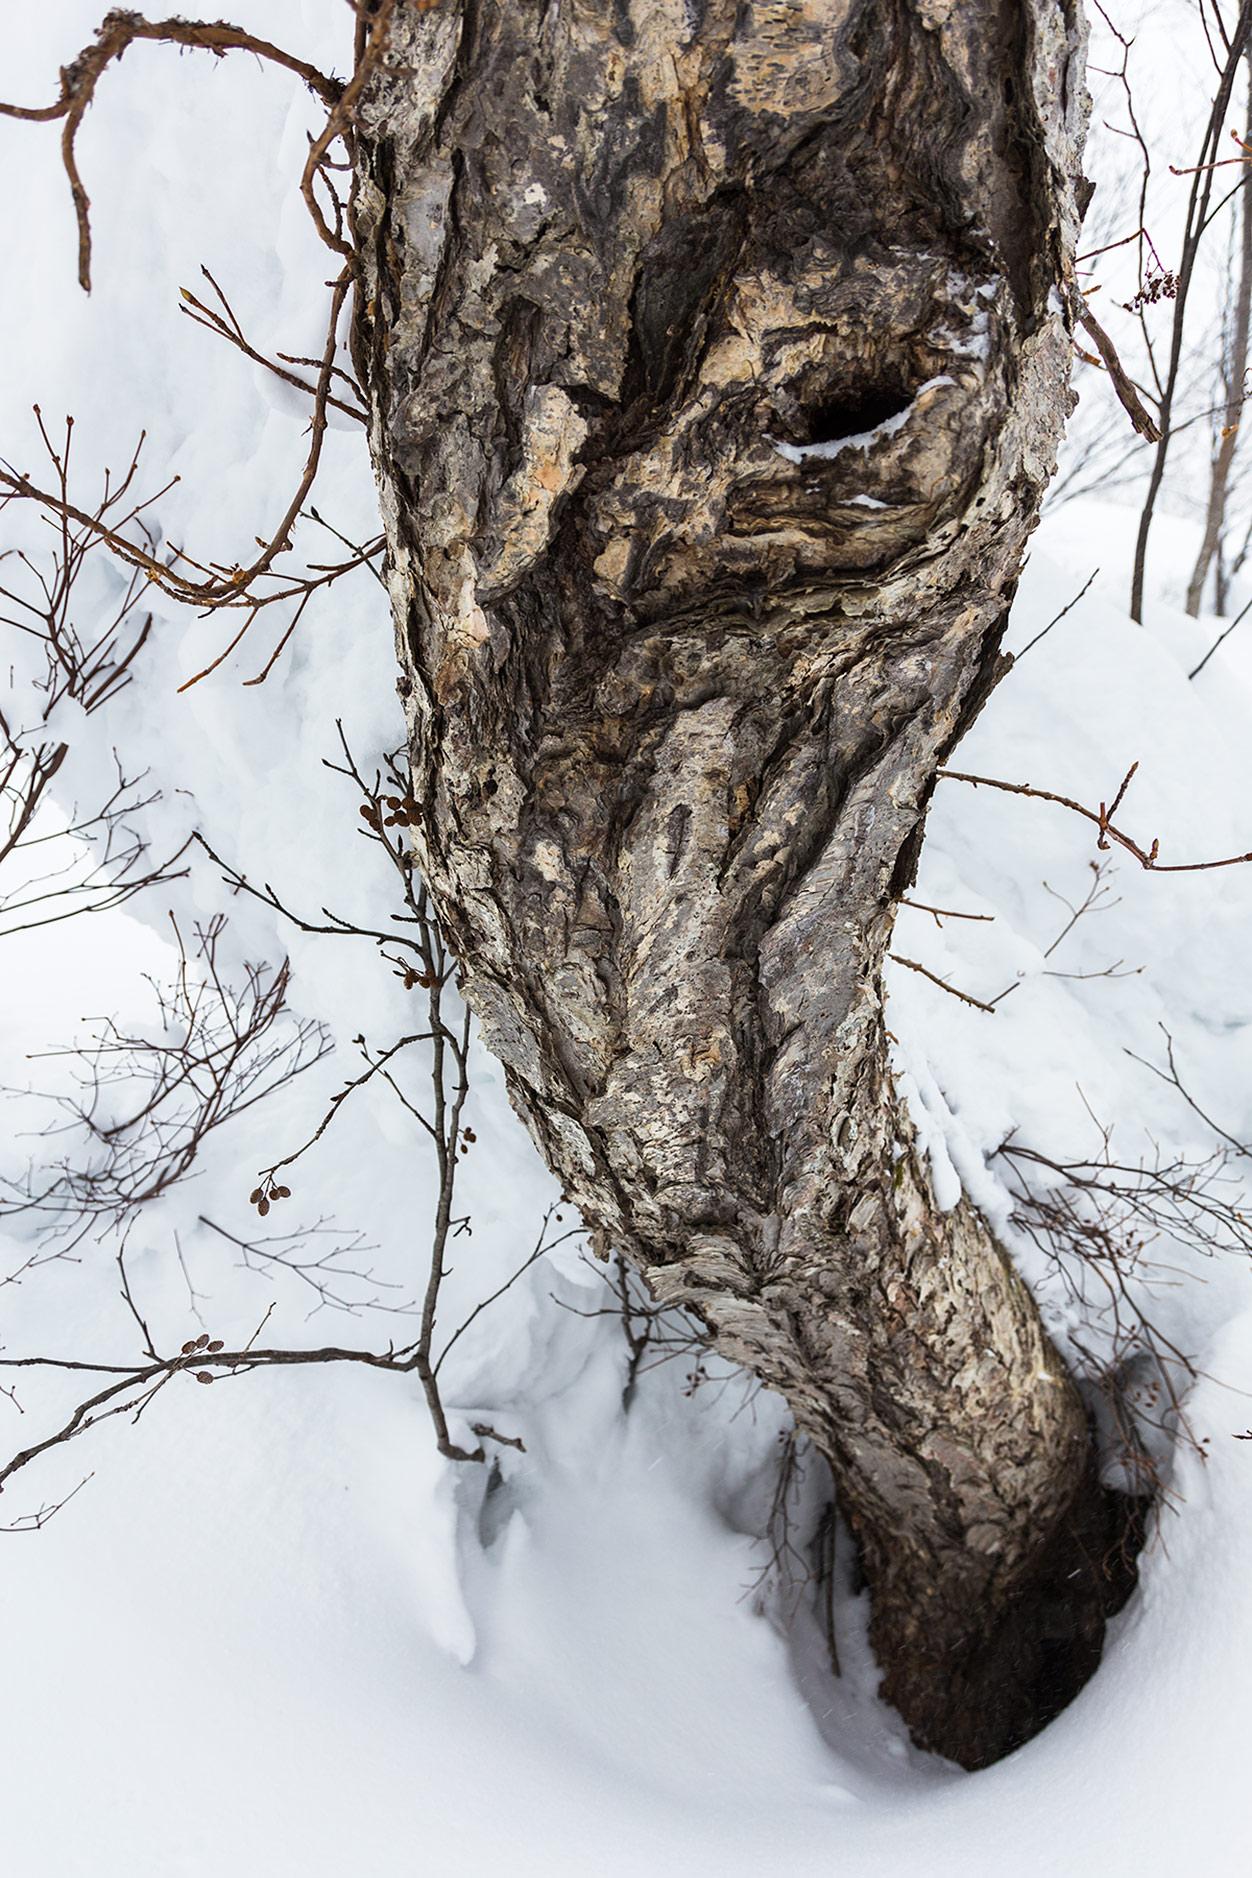 Vaikka tämä Kiroron puu on ilmeeltään pelottava ja lumi syvää, ei tänne kätkeydy samalla tavalla vaarallisia puukaivoja kuin havupuualueelle. Esimerkiksi Pohjois-Amerikassa runkojen lähelle oksien väliin jäävästä ilmasta muodostuvat puukaivot ovat todellin